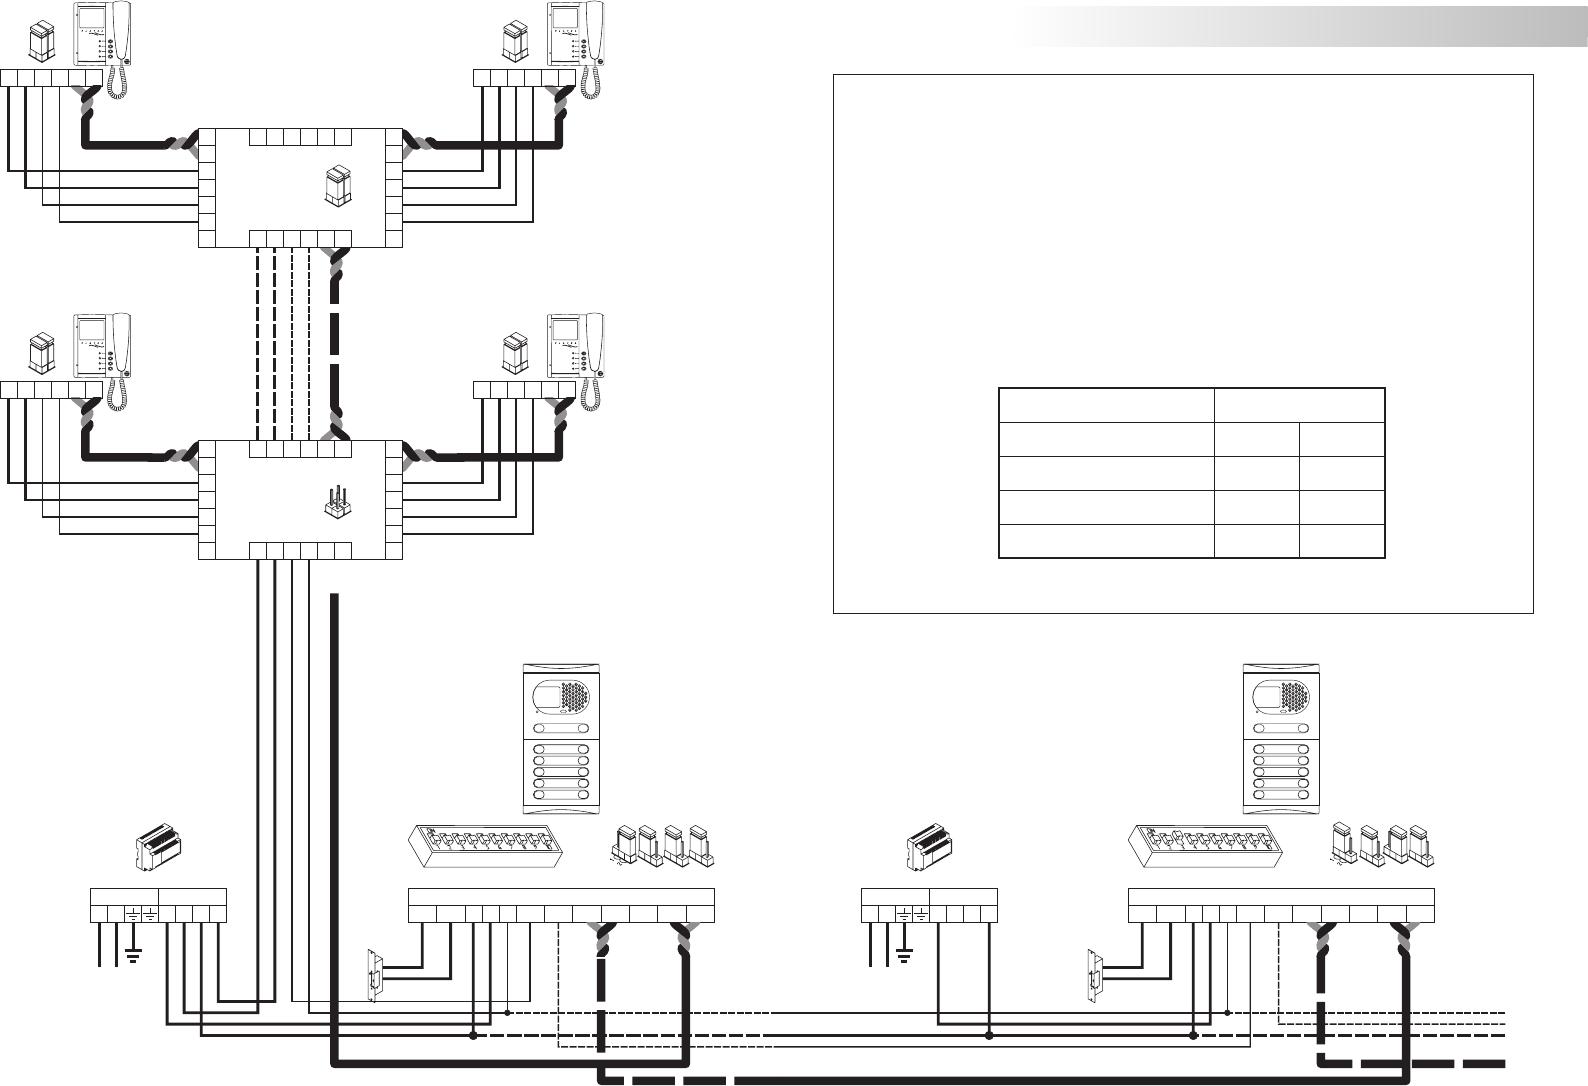 golmar intercom wiring diagram